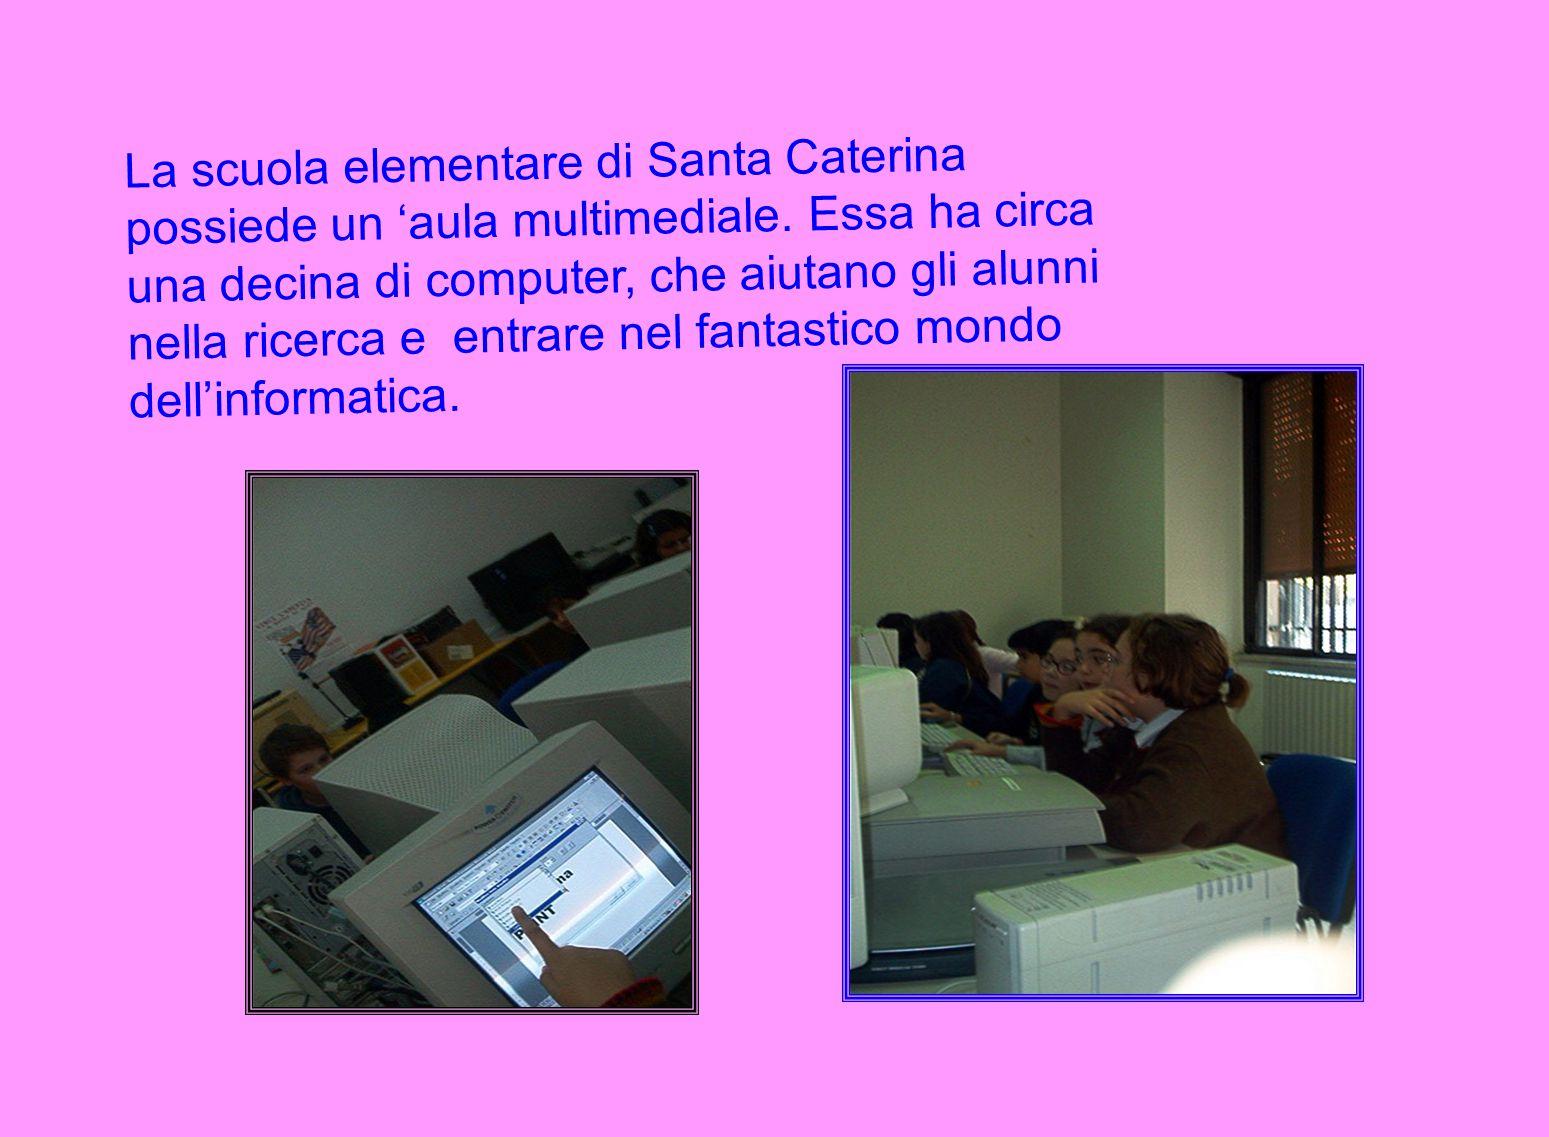 La scuola elementare di Santa Caterina possiede un 'aula multimediale